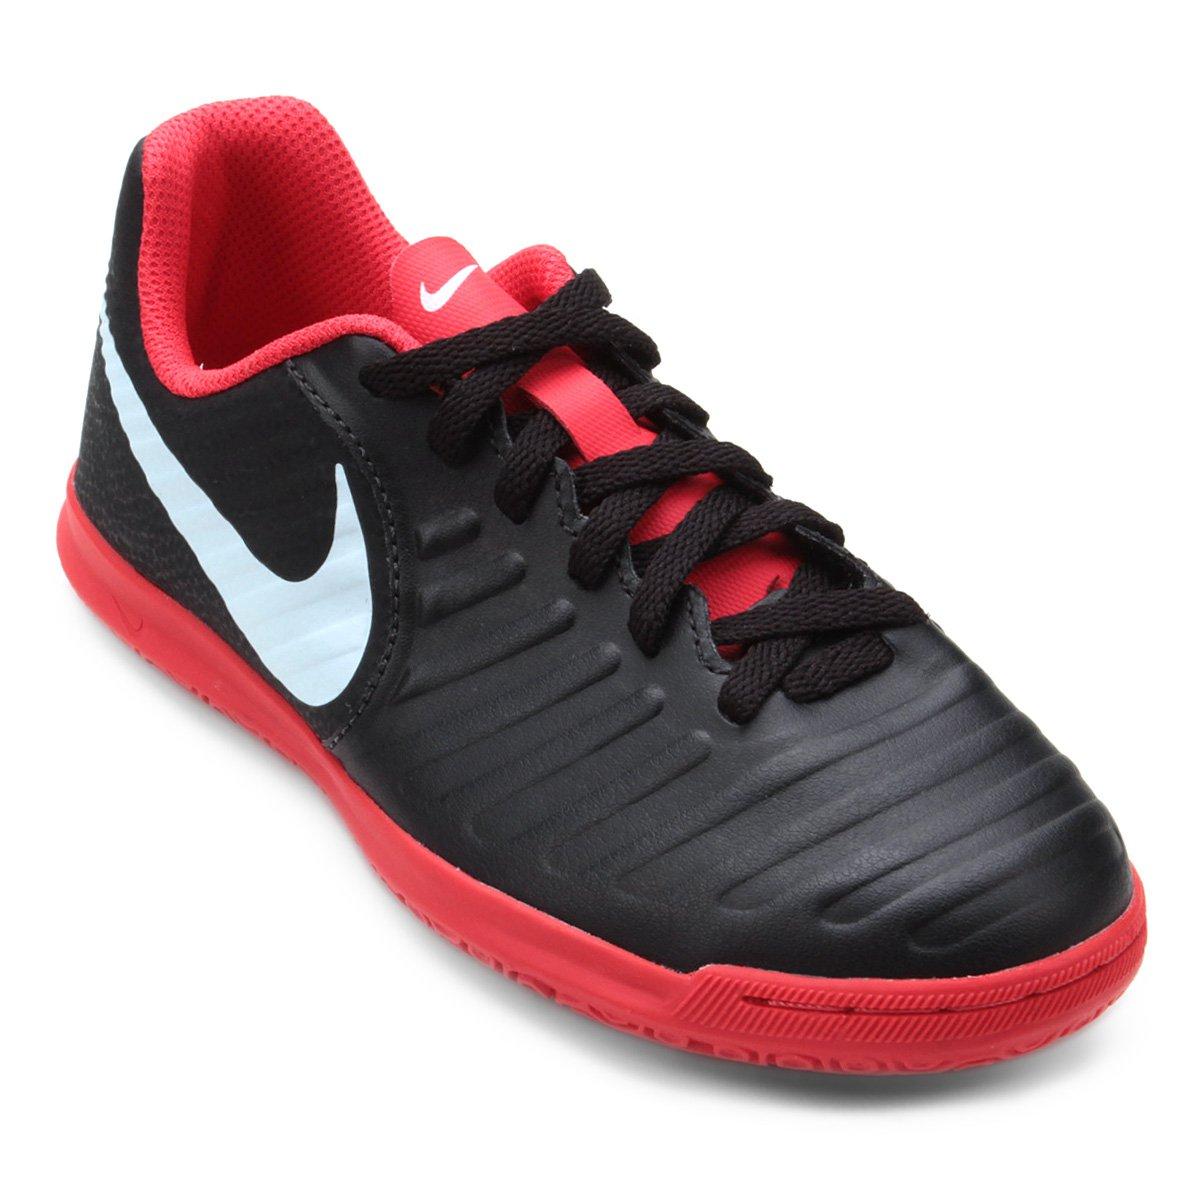 d466d44f07 Chuteira Futsal Infantil Nike Tiempo Legend 7 Club IC - Preto e ...